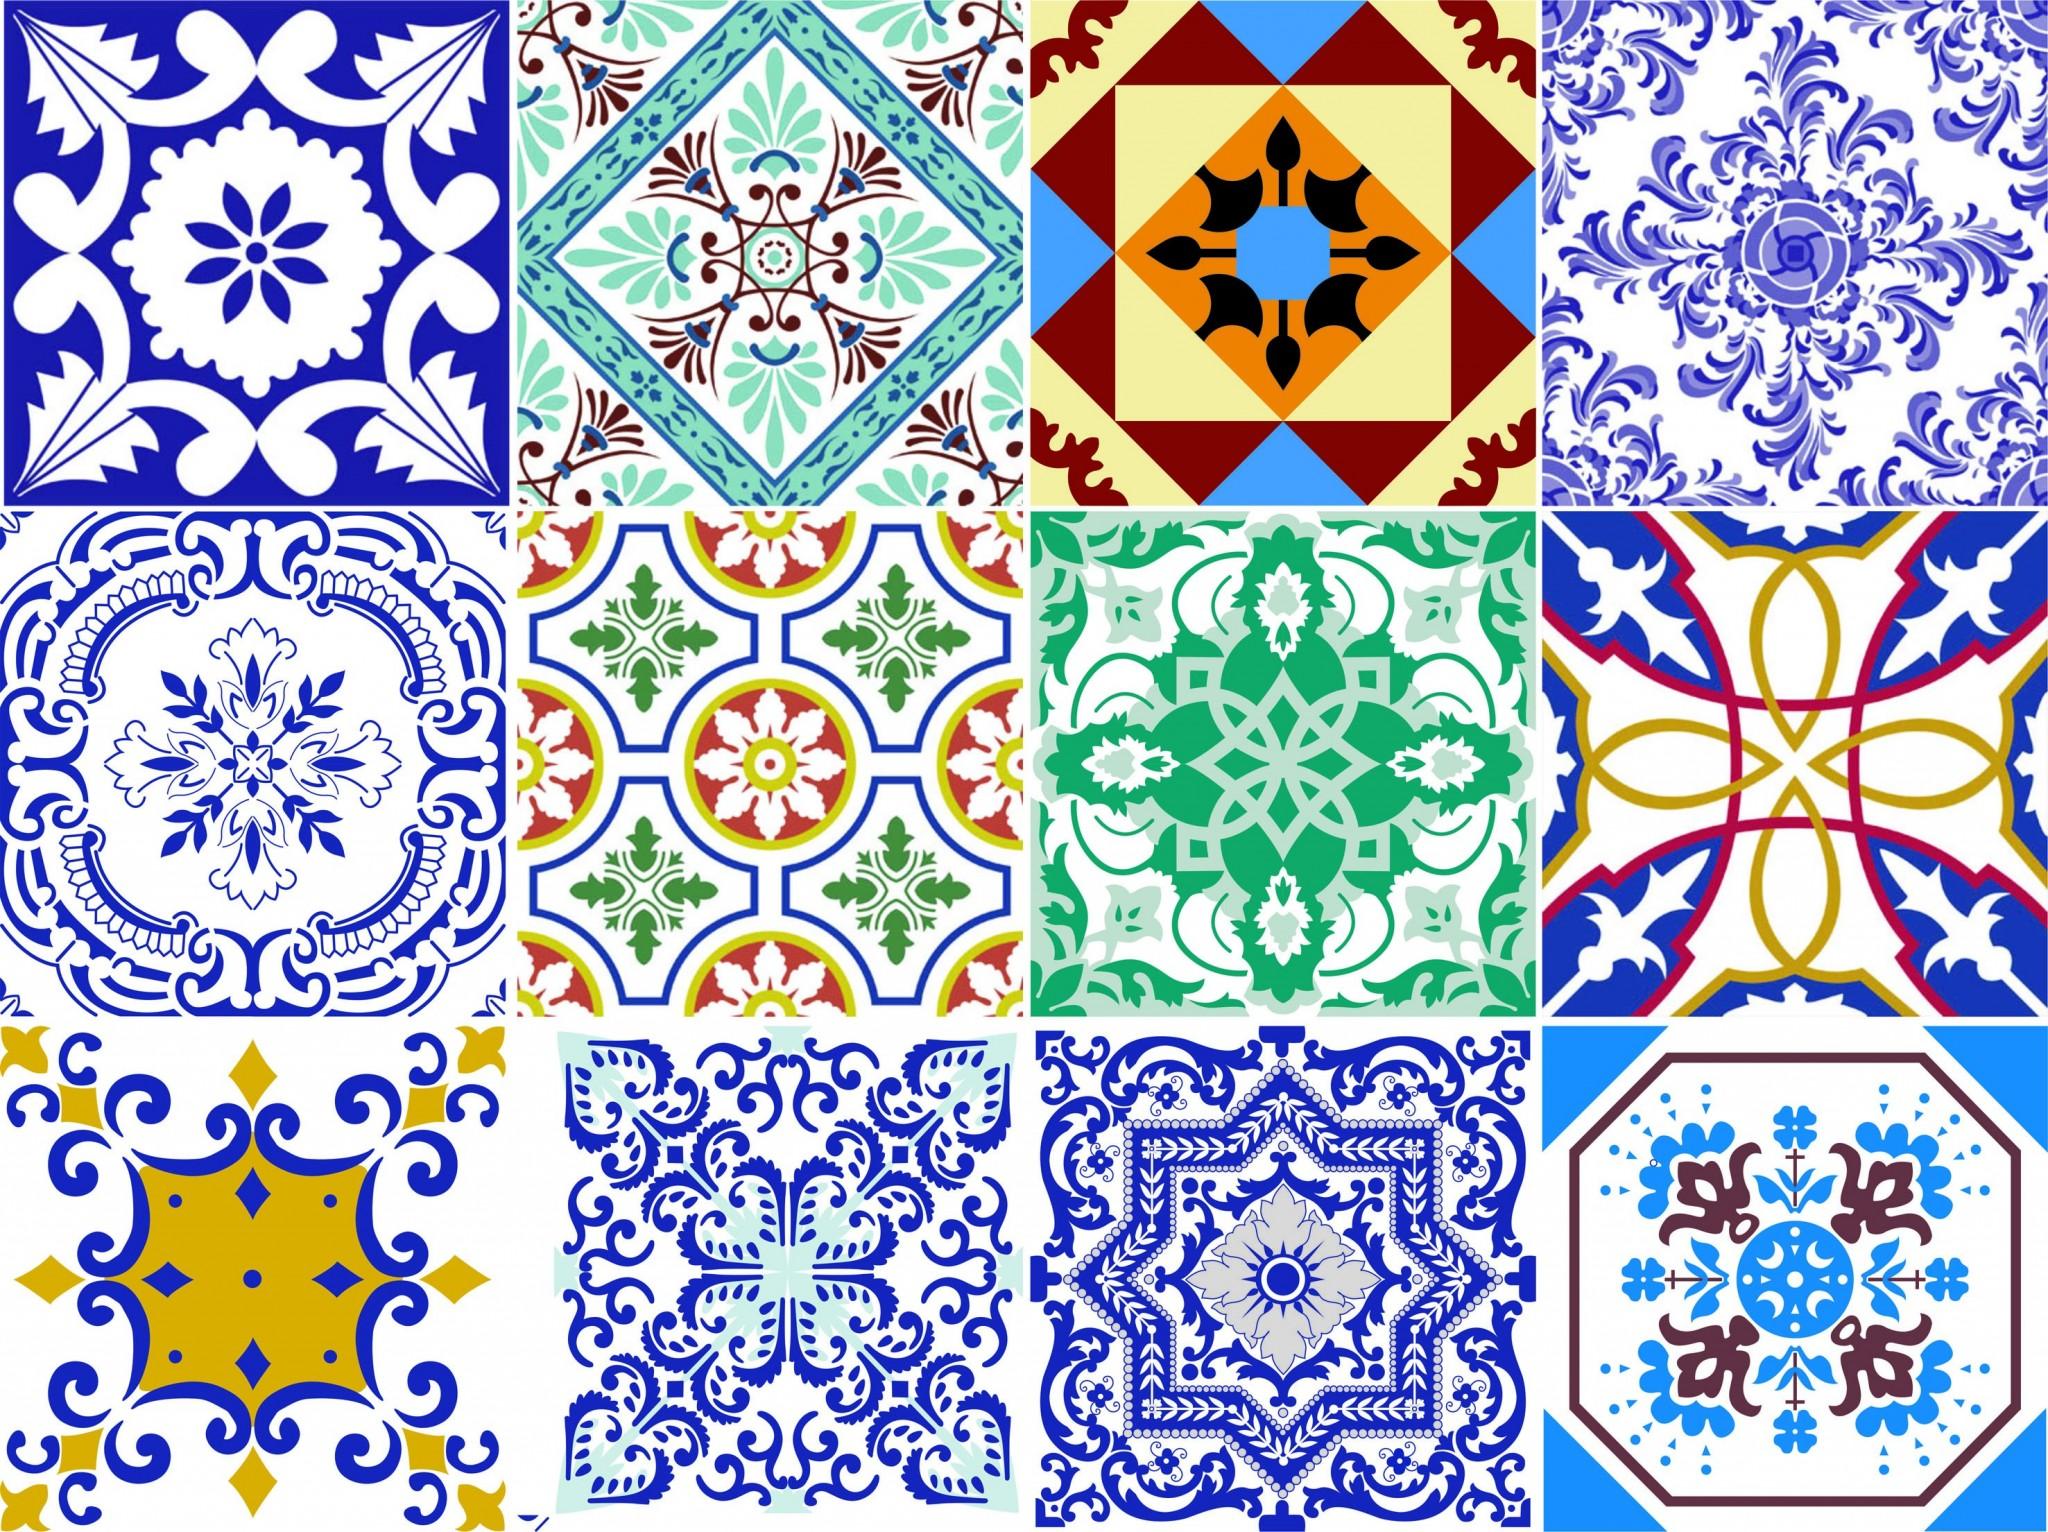 Azulejo portugu s candidata se a patrim nio da humanidade for Papel adhesivo para azulejos